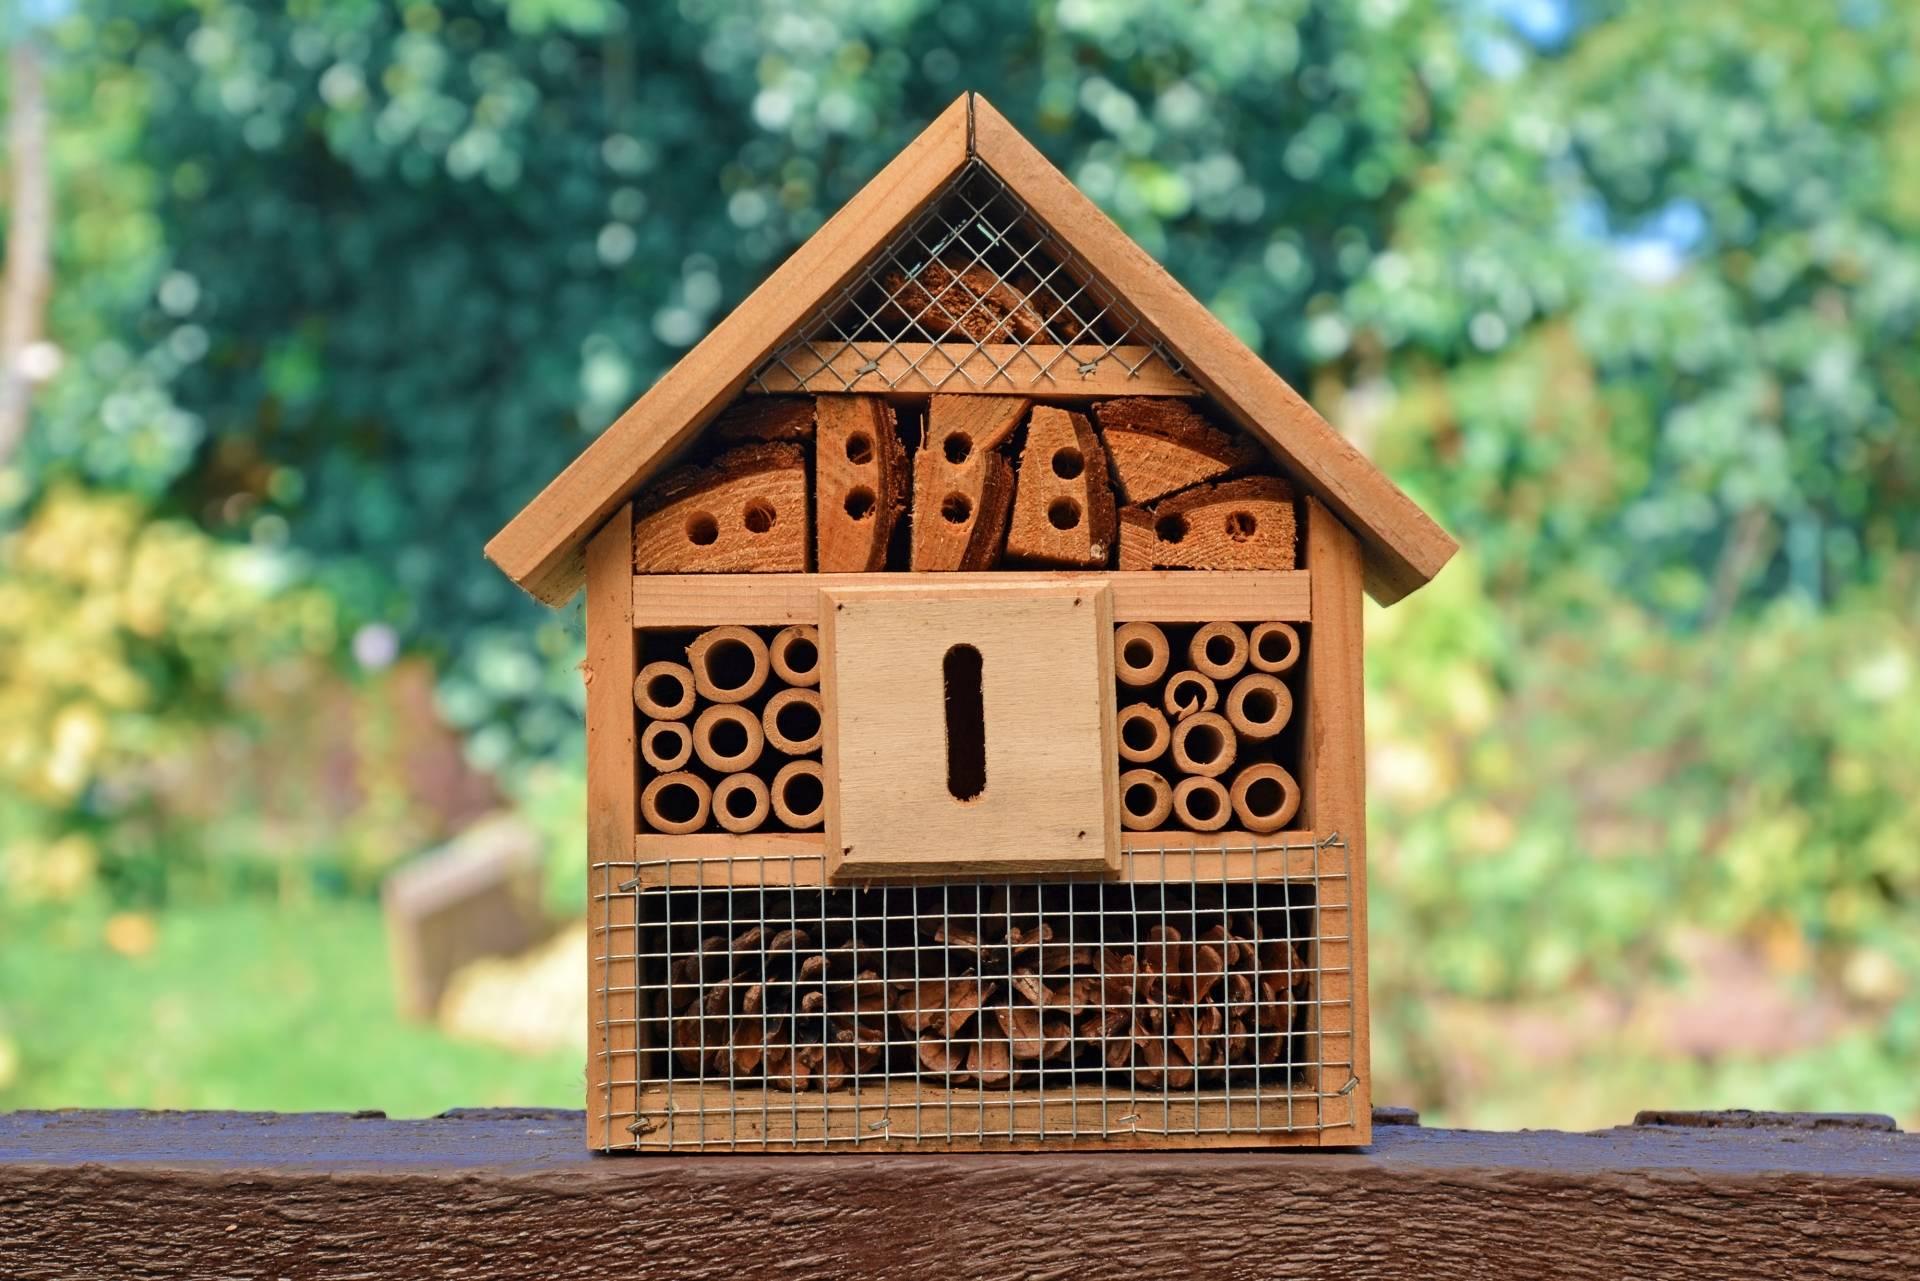 Domek dla owadów - instrukcja jak zbudować.